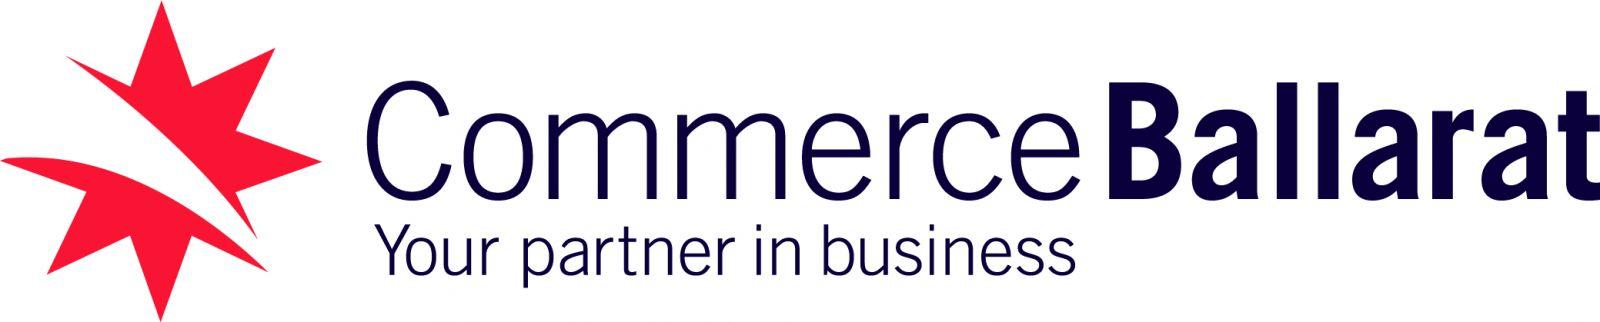 Commerce Ballrat logo